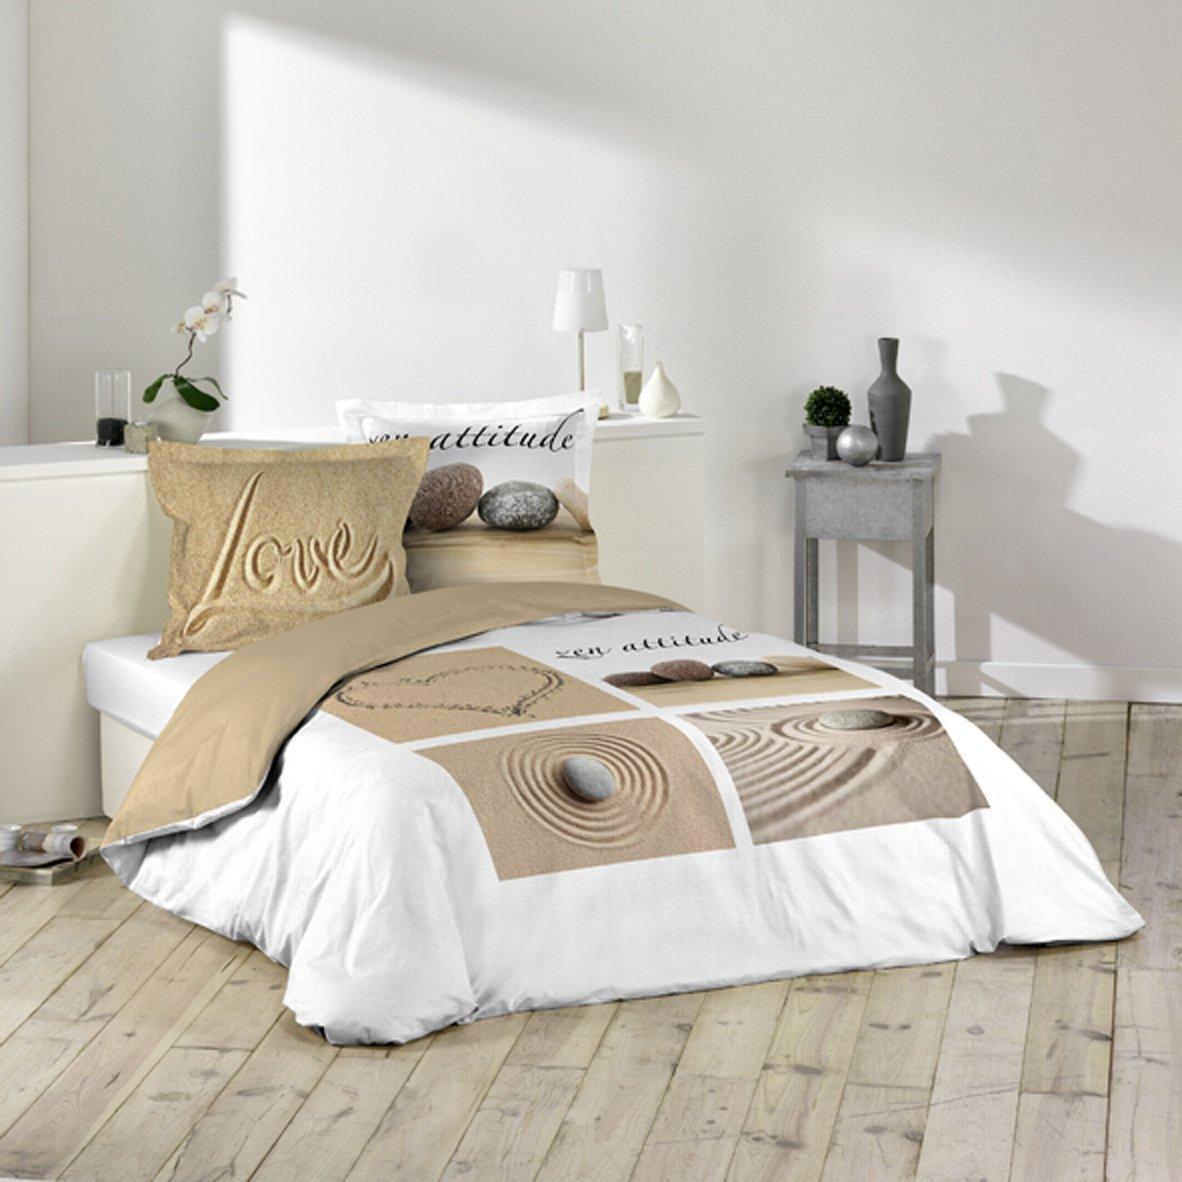 douceur dintrieur parure de lit 2 personnes imprim love 220 x 240 cm amazonfr cuisine maison - Parure Housse De Couette 2 Personnes